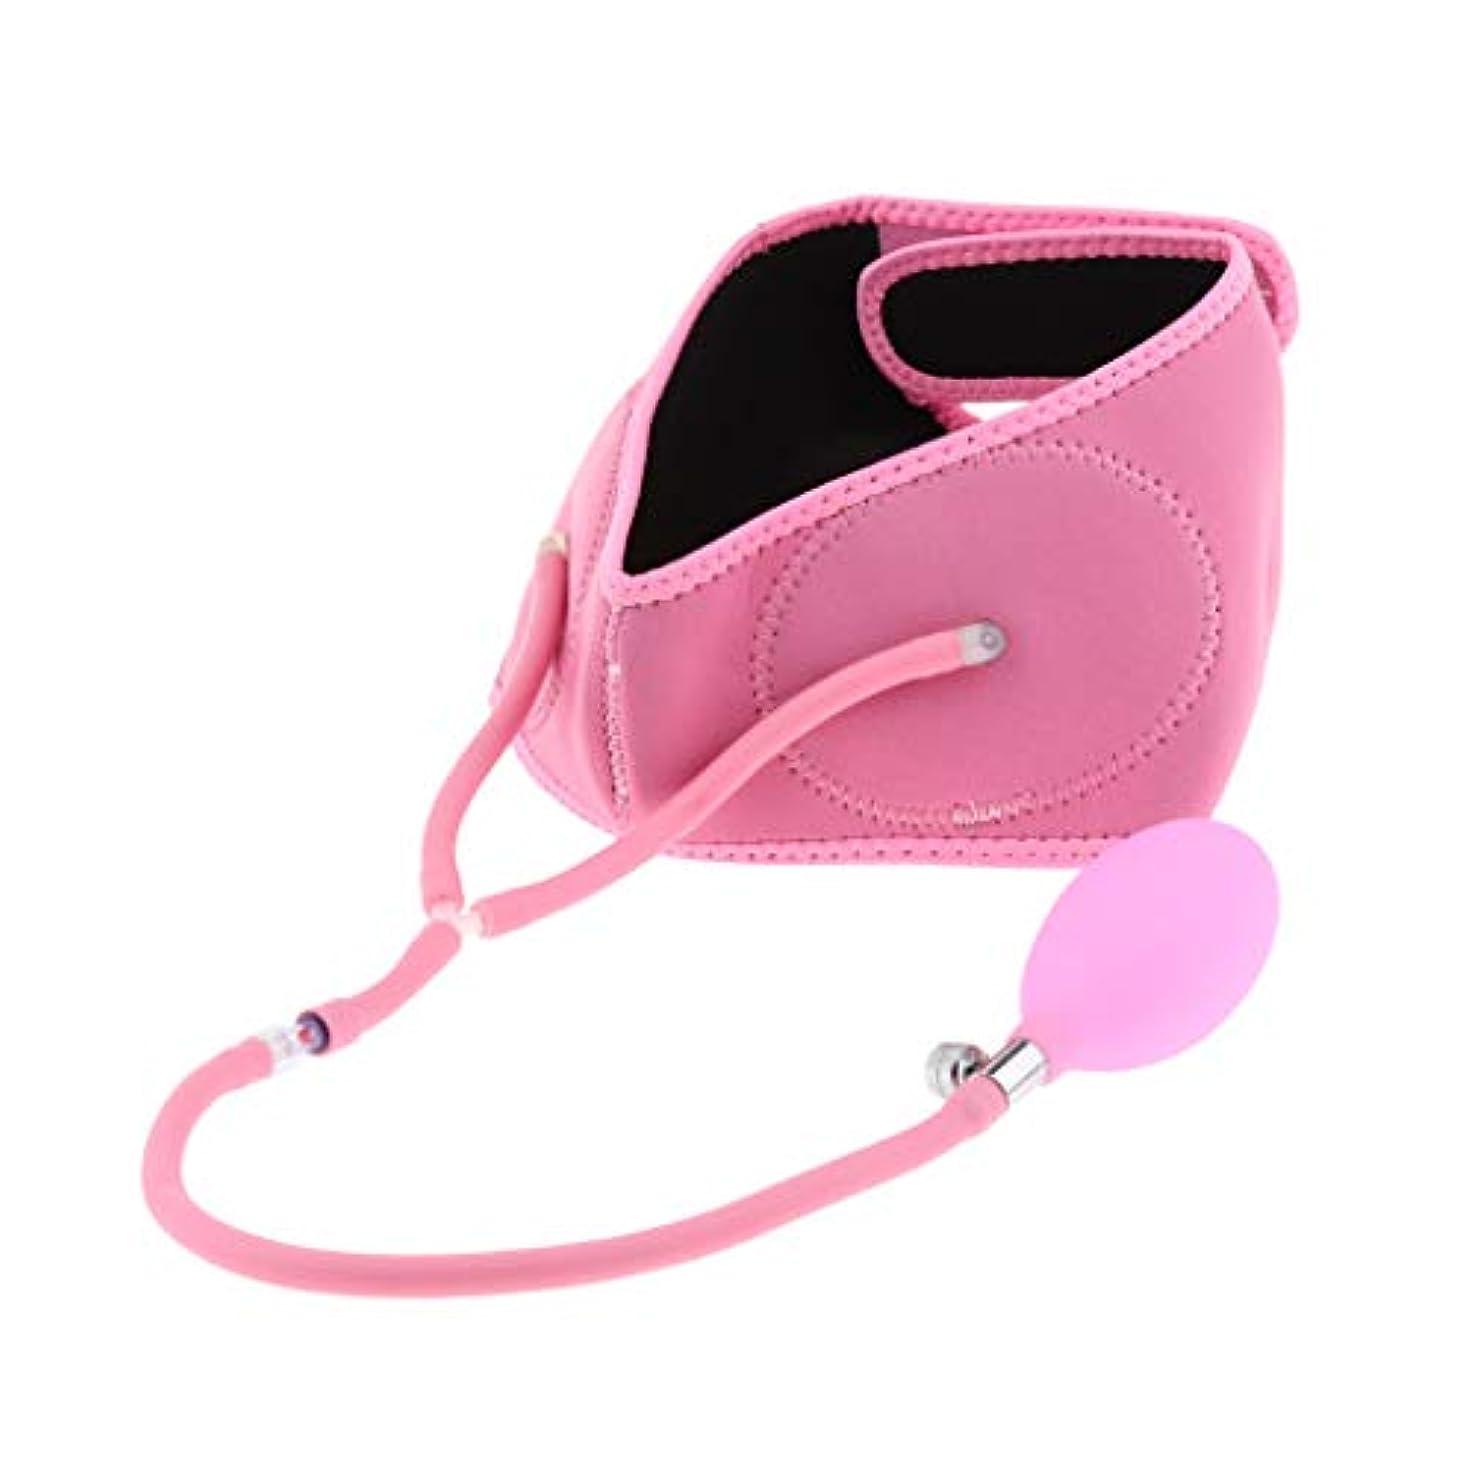 ラッカスバッグジレンマF Fityle リフトアップベルト フェイスベルト 小顔 美顔 矯正 顔痩せ 膨脹可能 伸縮性 通気性 全3色 - ピンク